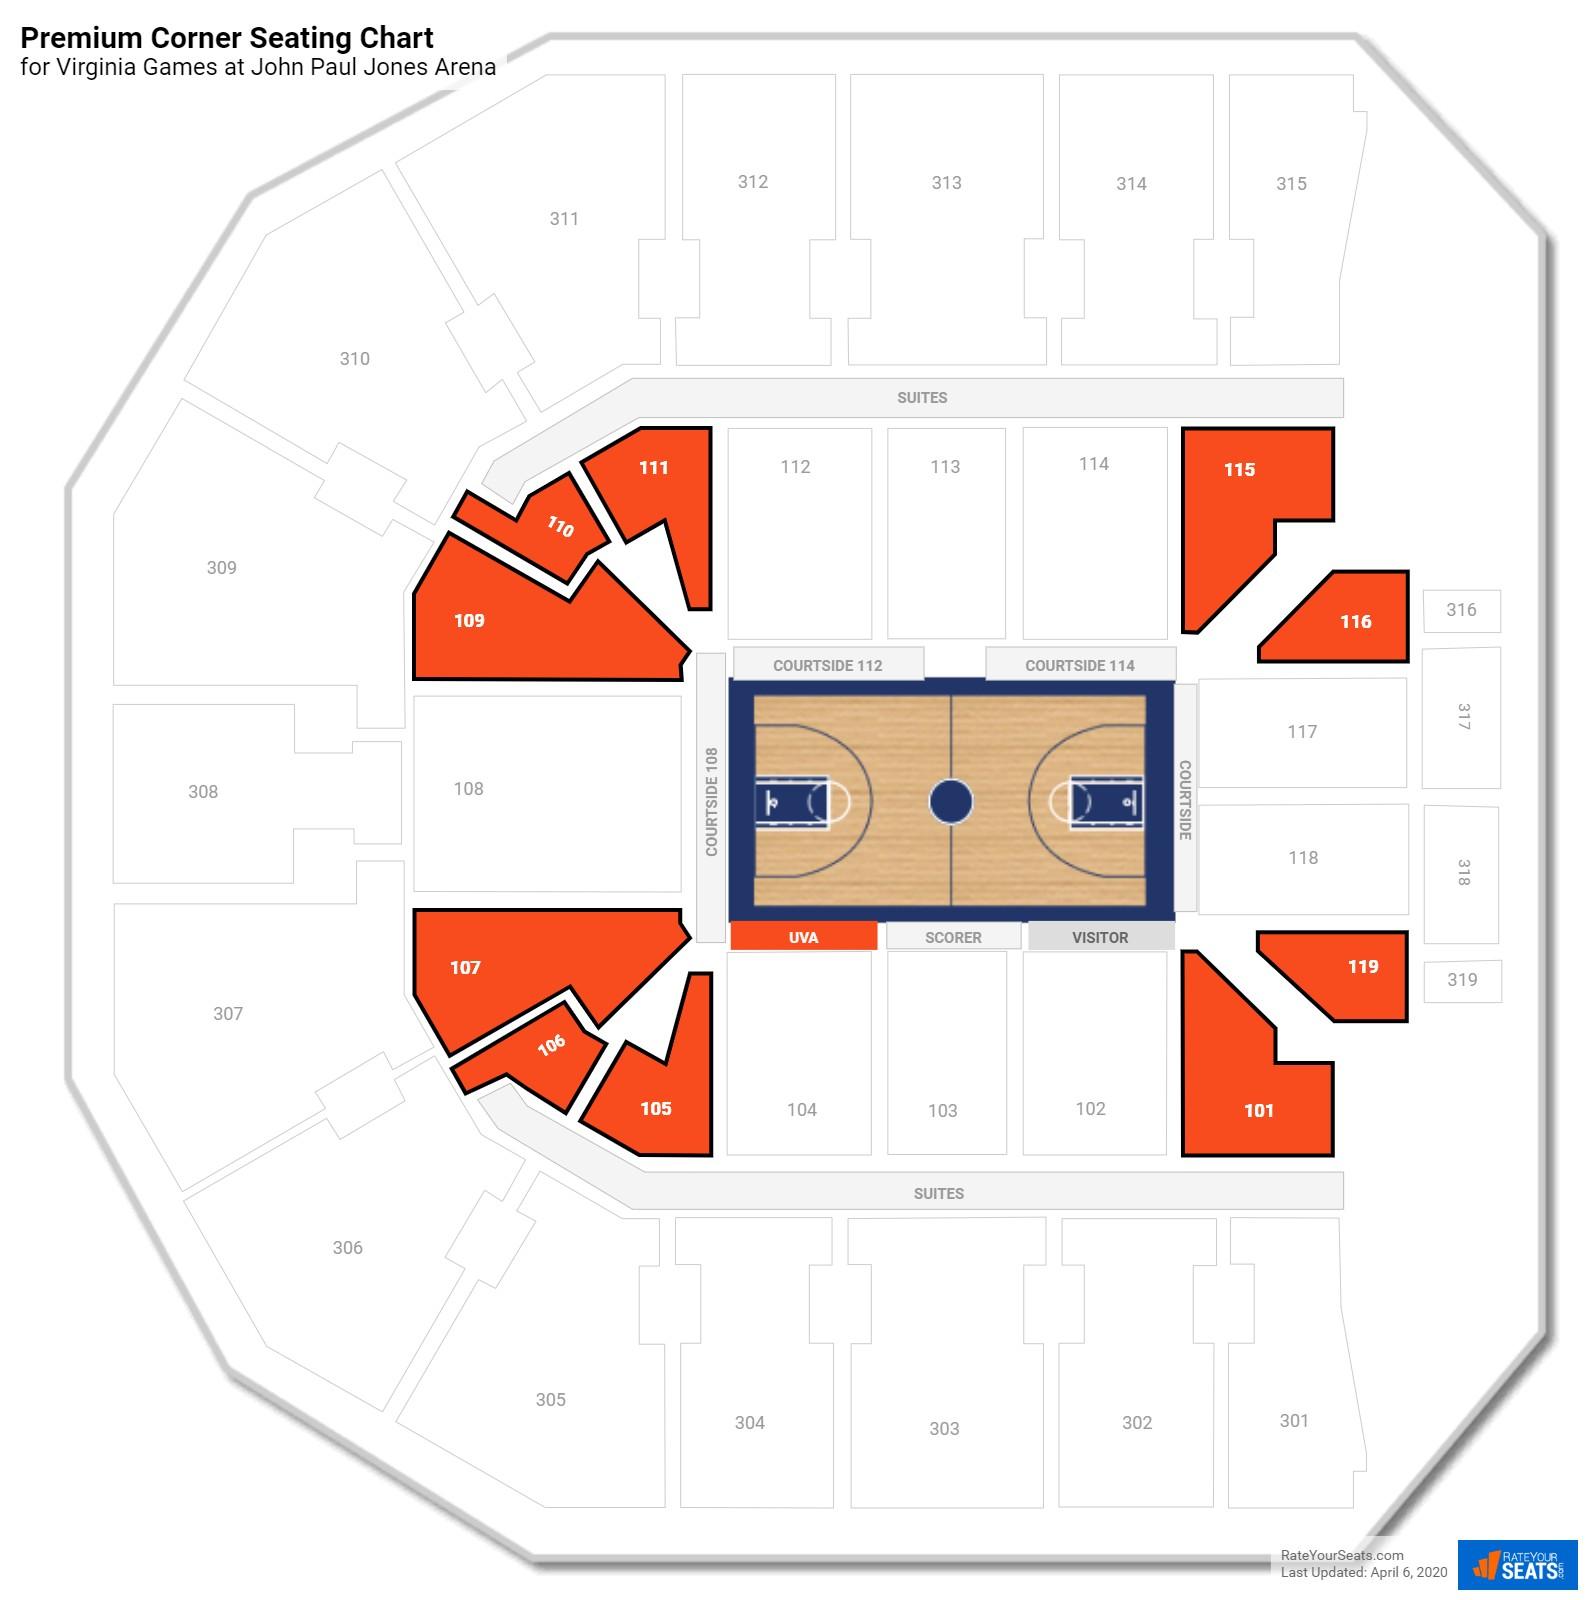 John Paul Jones Arena Premium Corner Seating Chart